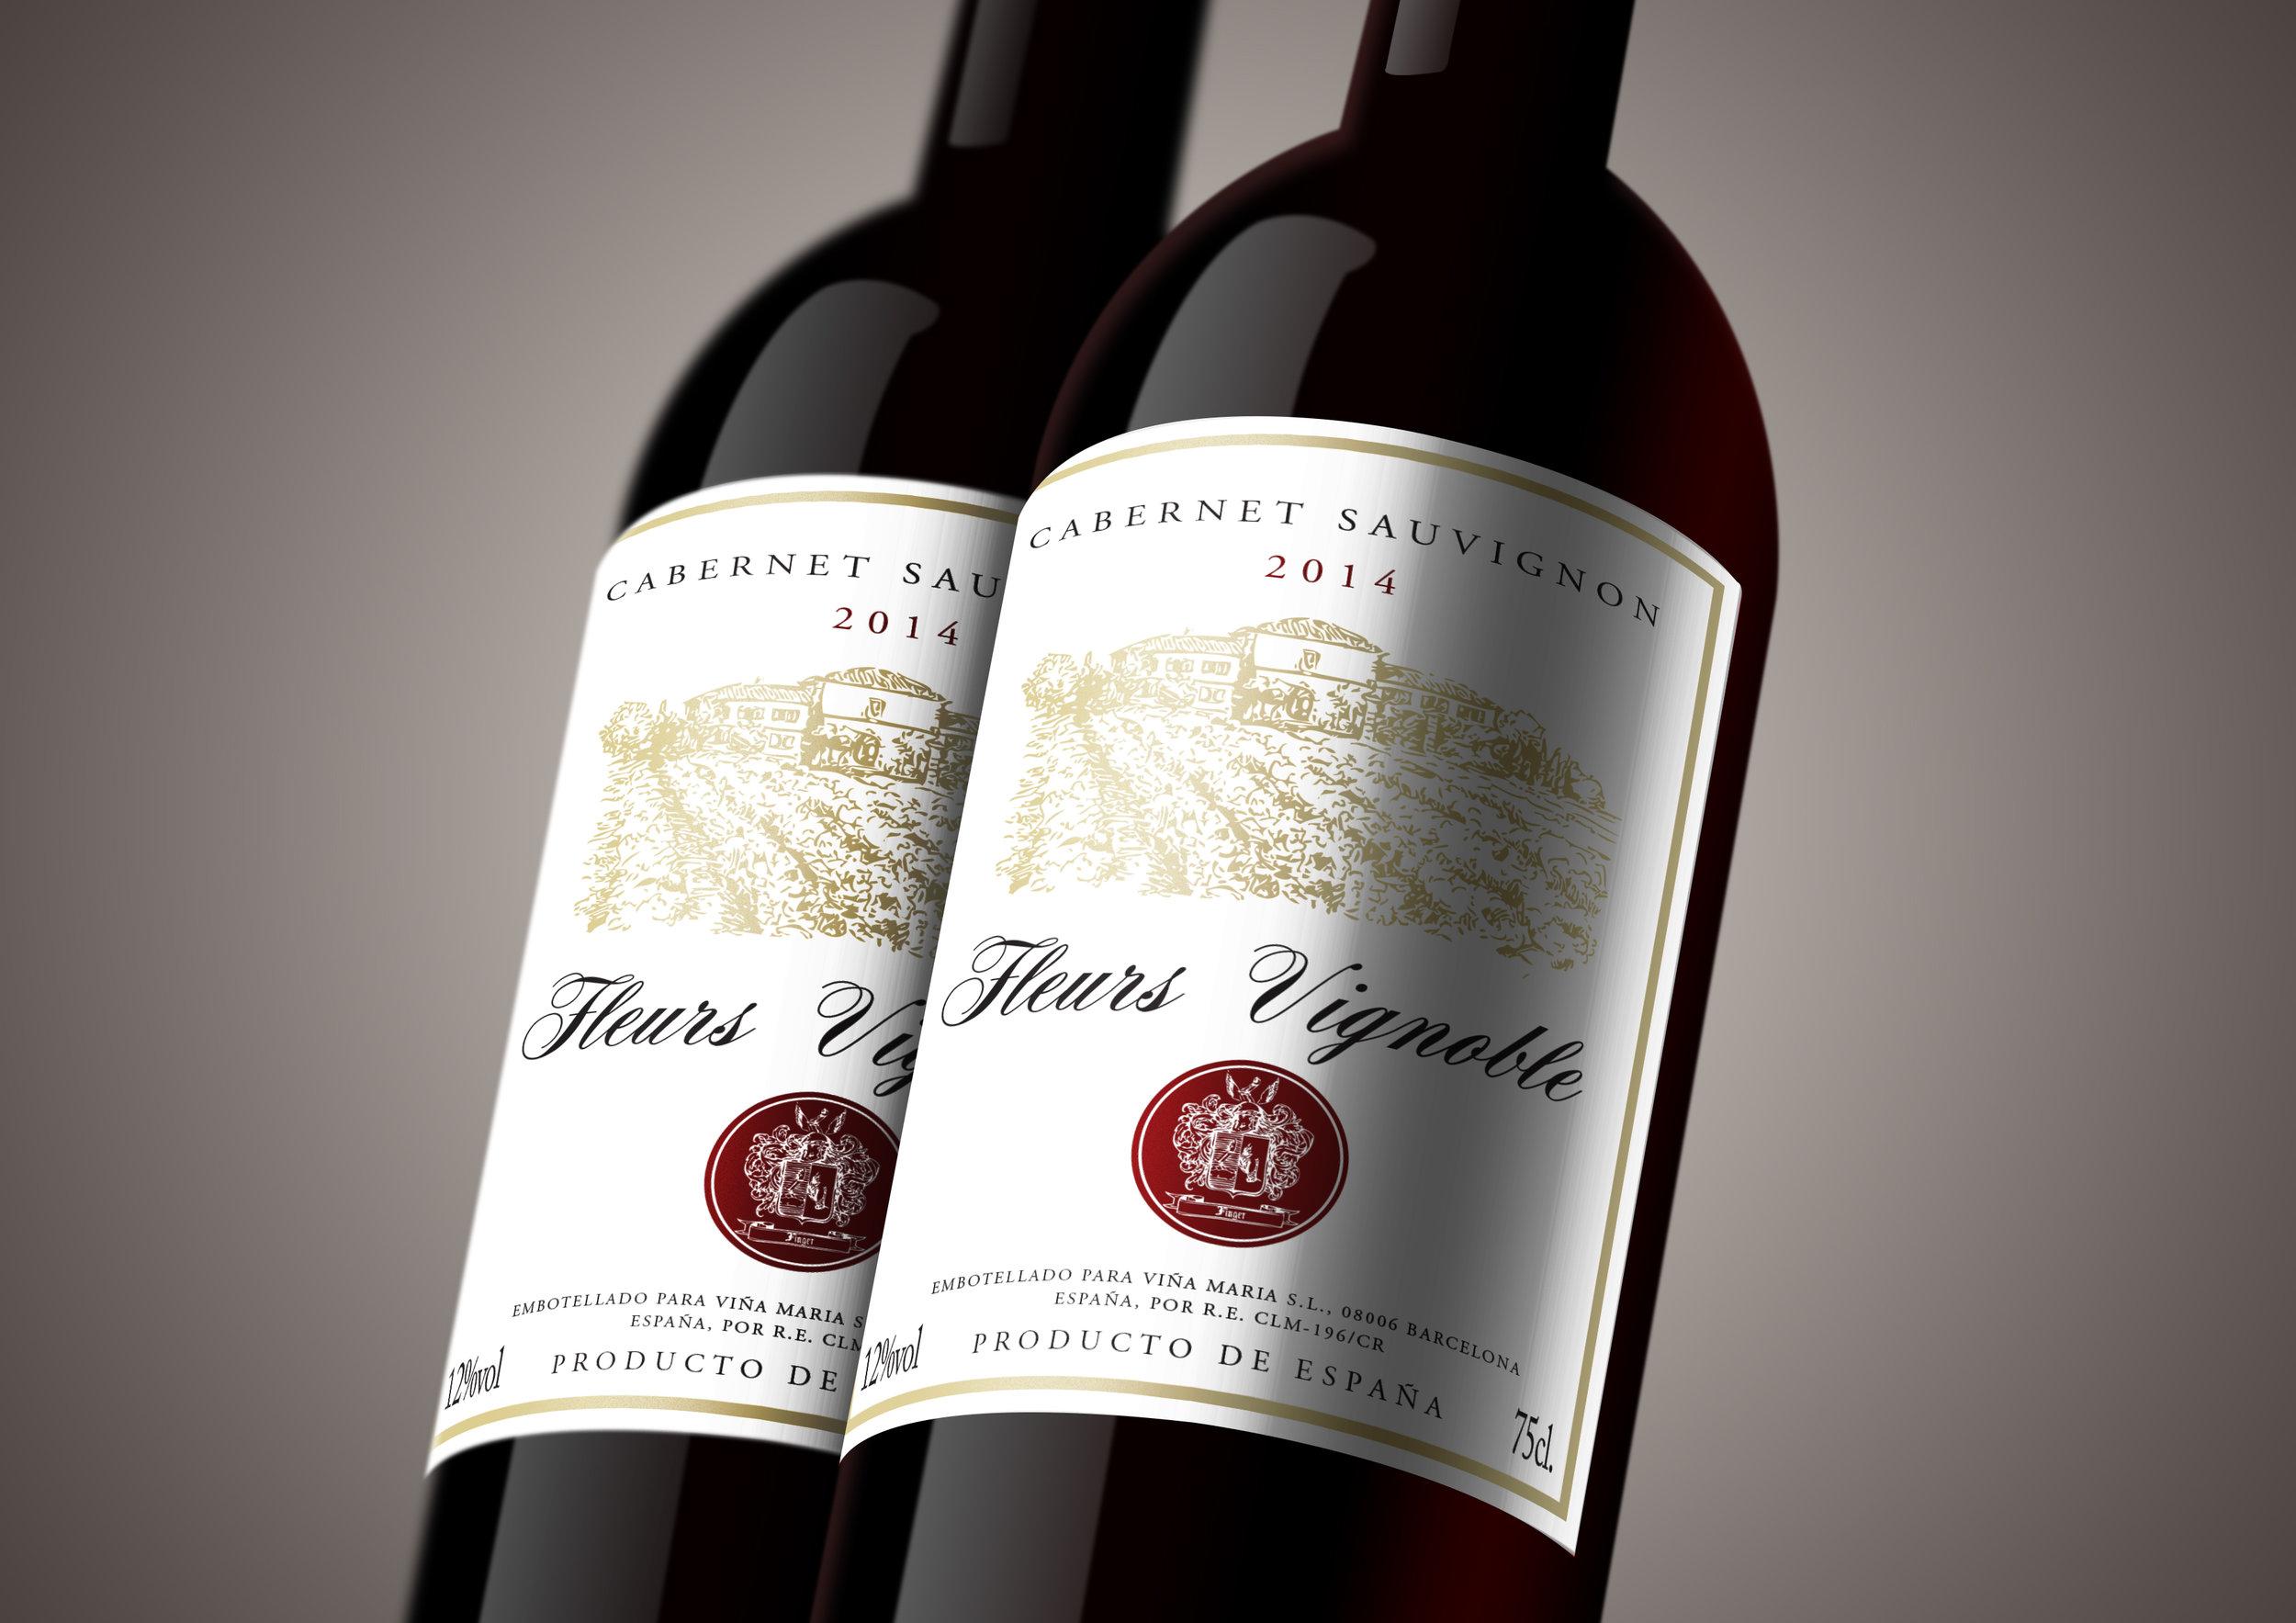 Fleurs Vignoble 2 bottle shot.jpg